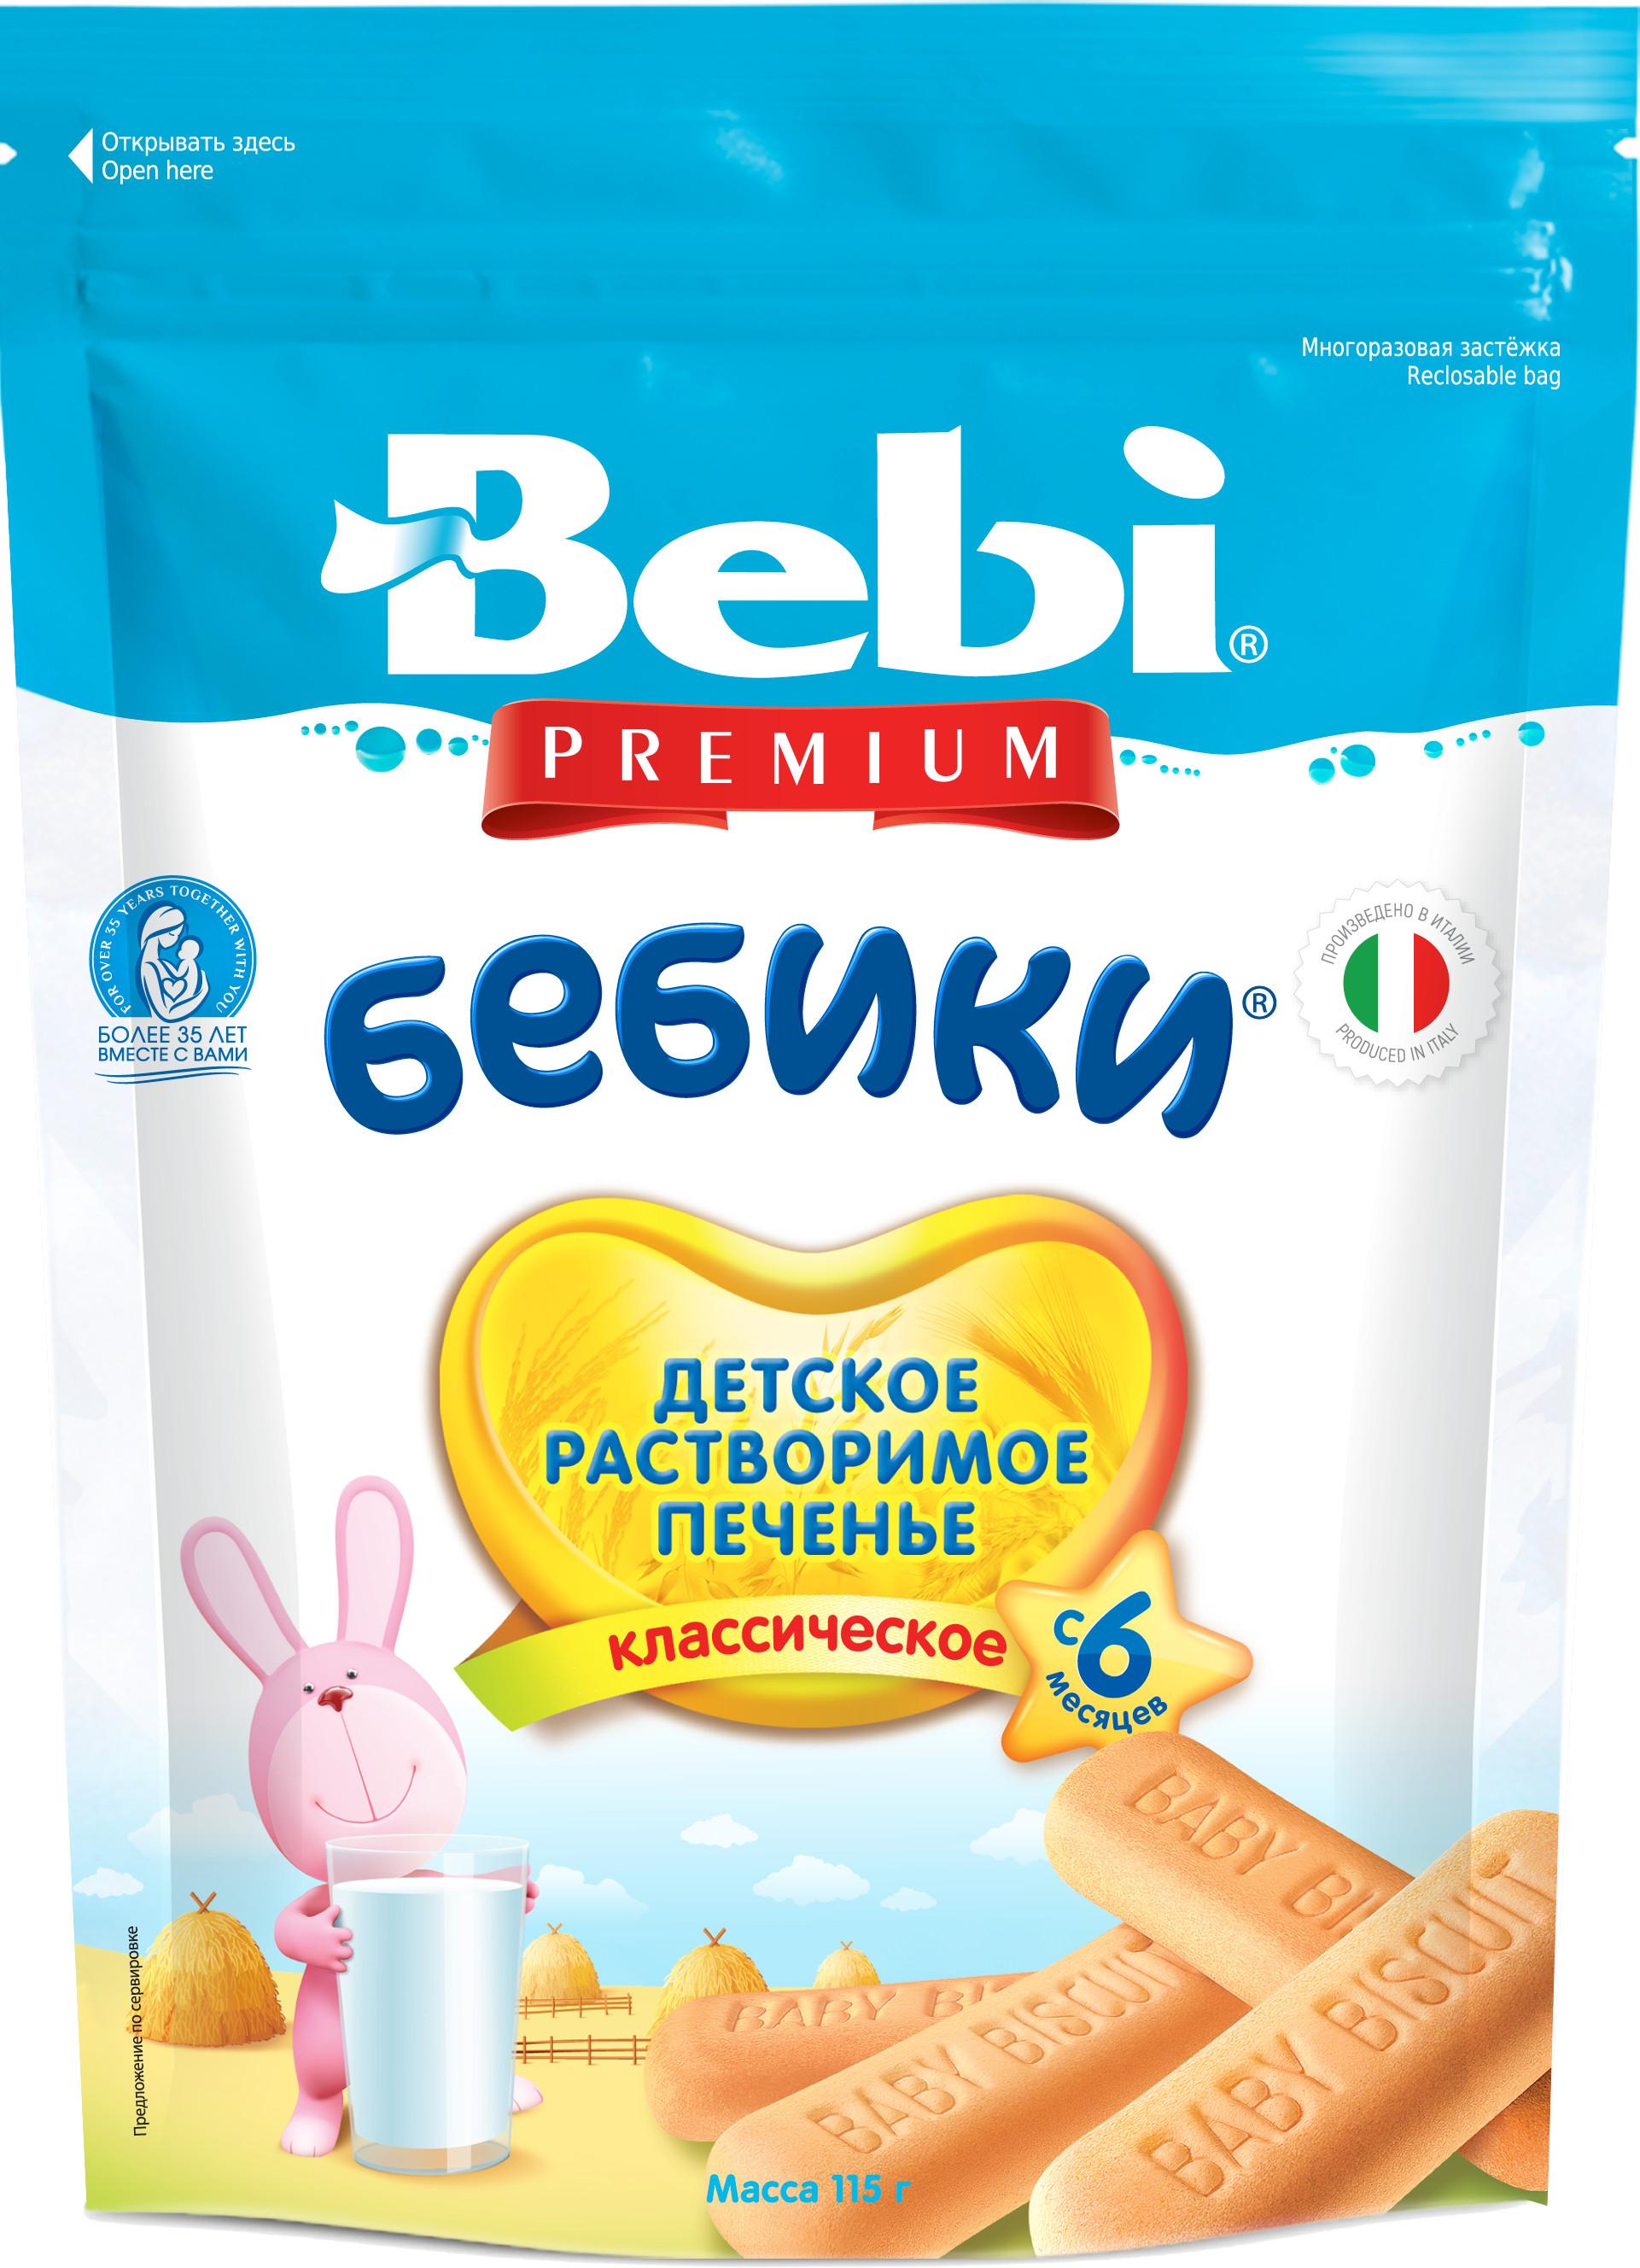 Печенье Bebi Bebi Premium «Бебики» классическое с 6 мес. 115 г